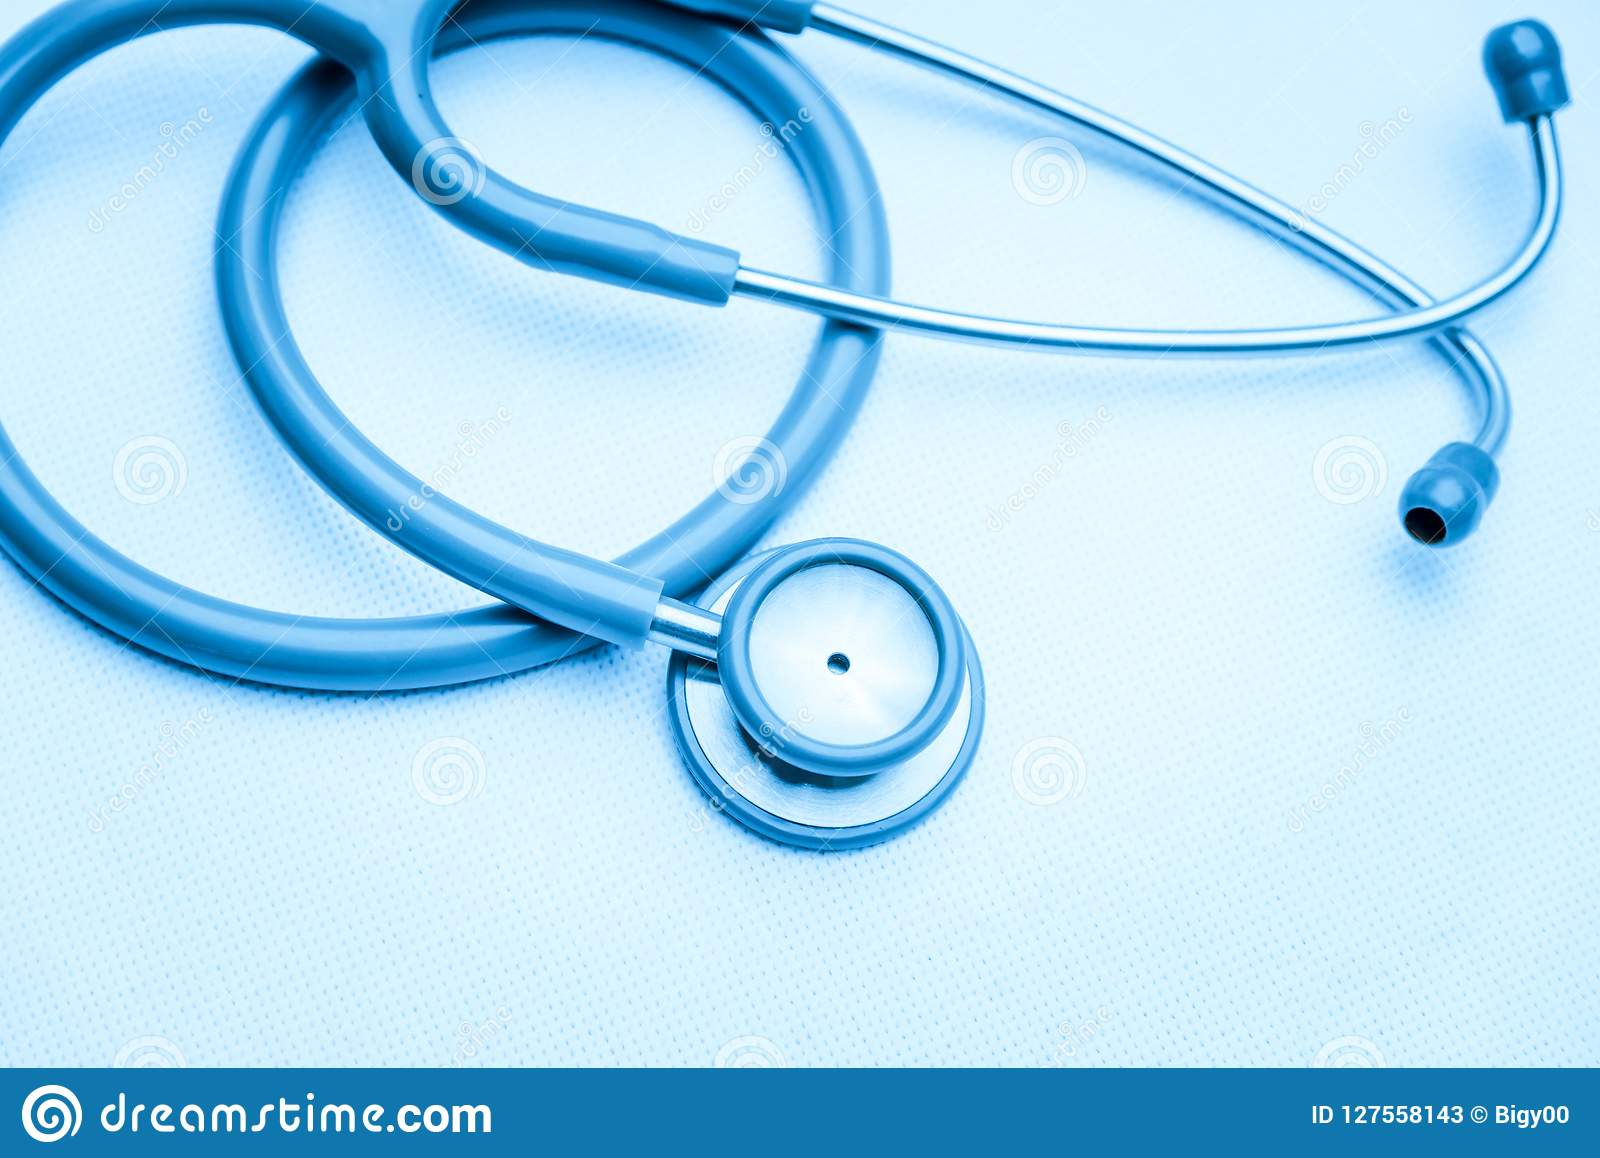 Оборудование стетоскопа медицинское на белом холсте прибор аппаратур для доктора стетоскоп дег микстуры лож принципиальной схемы